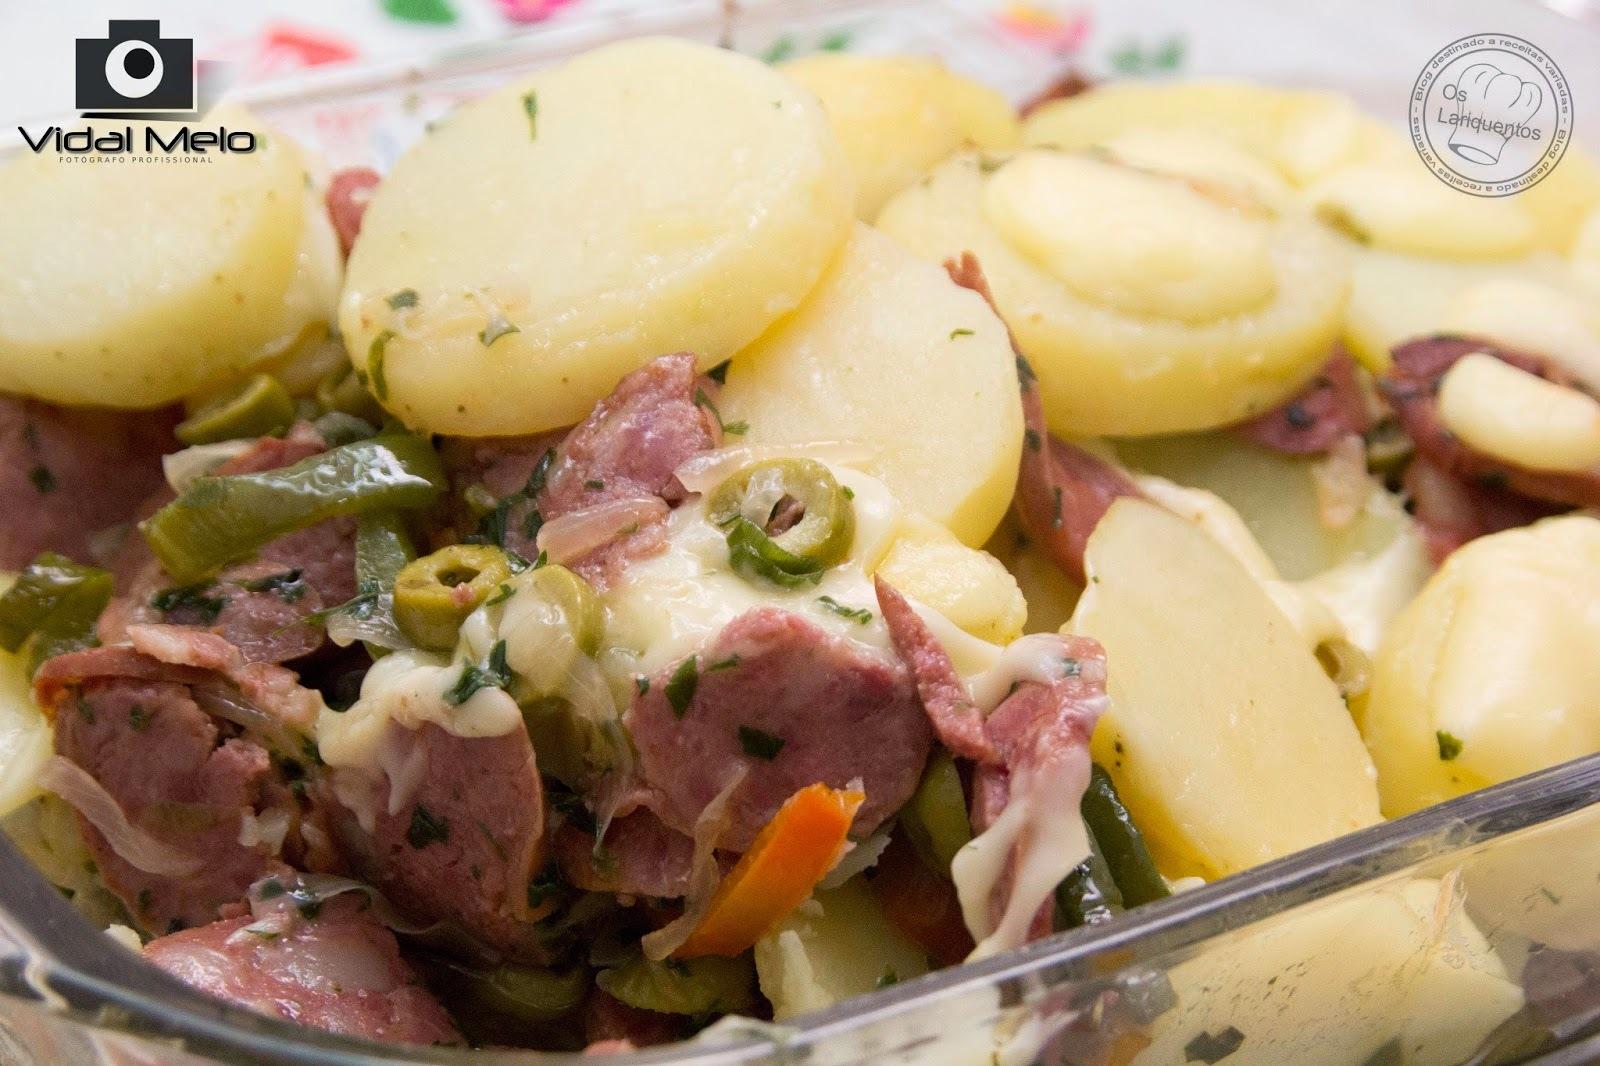 Linguiça calabresa com batatas e requeijão